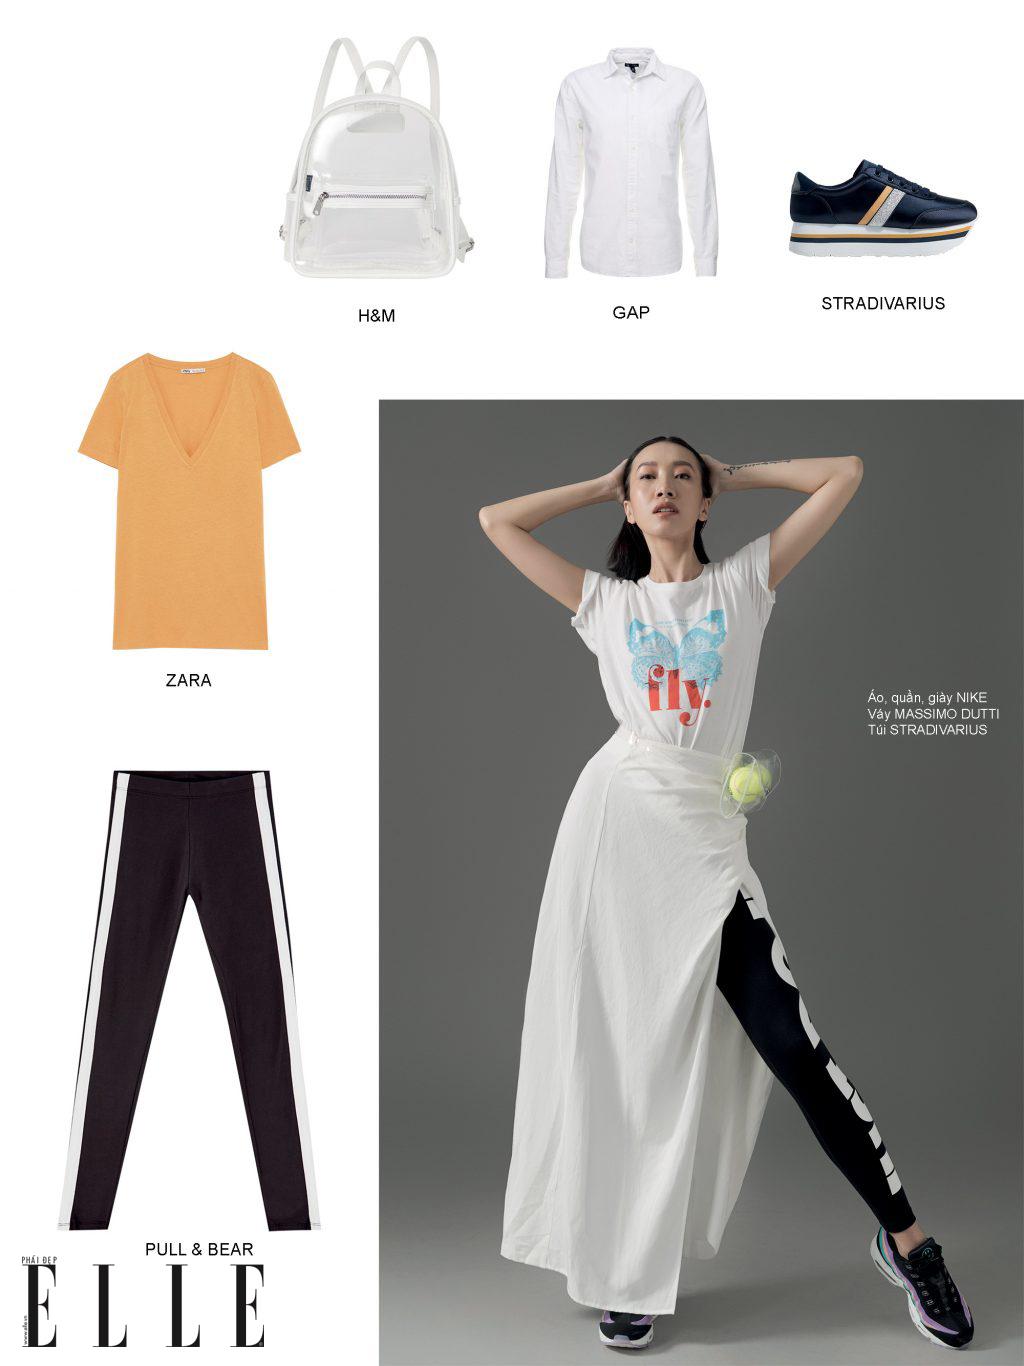 thời trang mùa hè - phong cách thể thao năng động - quần legging và áo sơ mi quấn